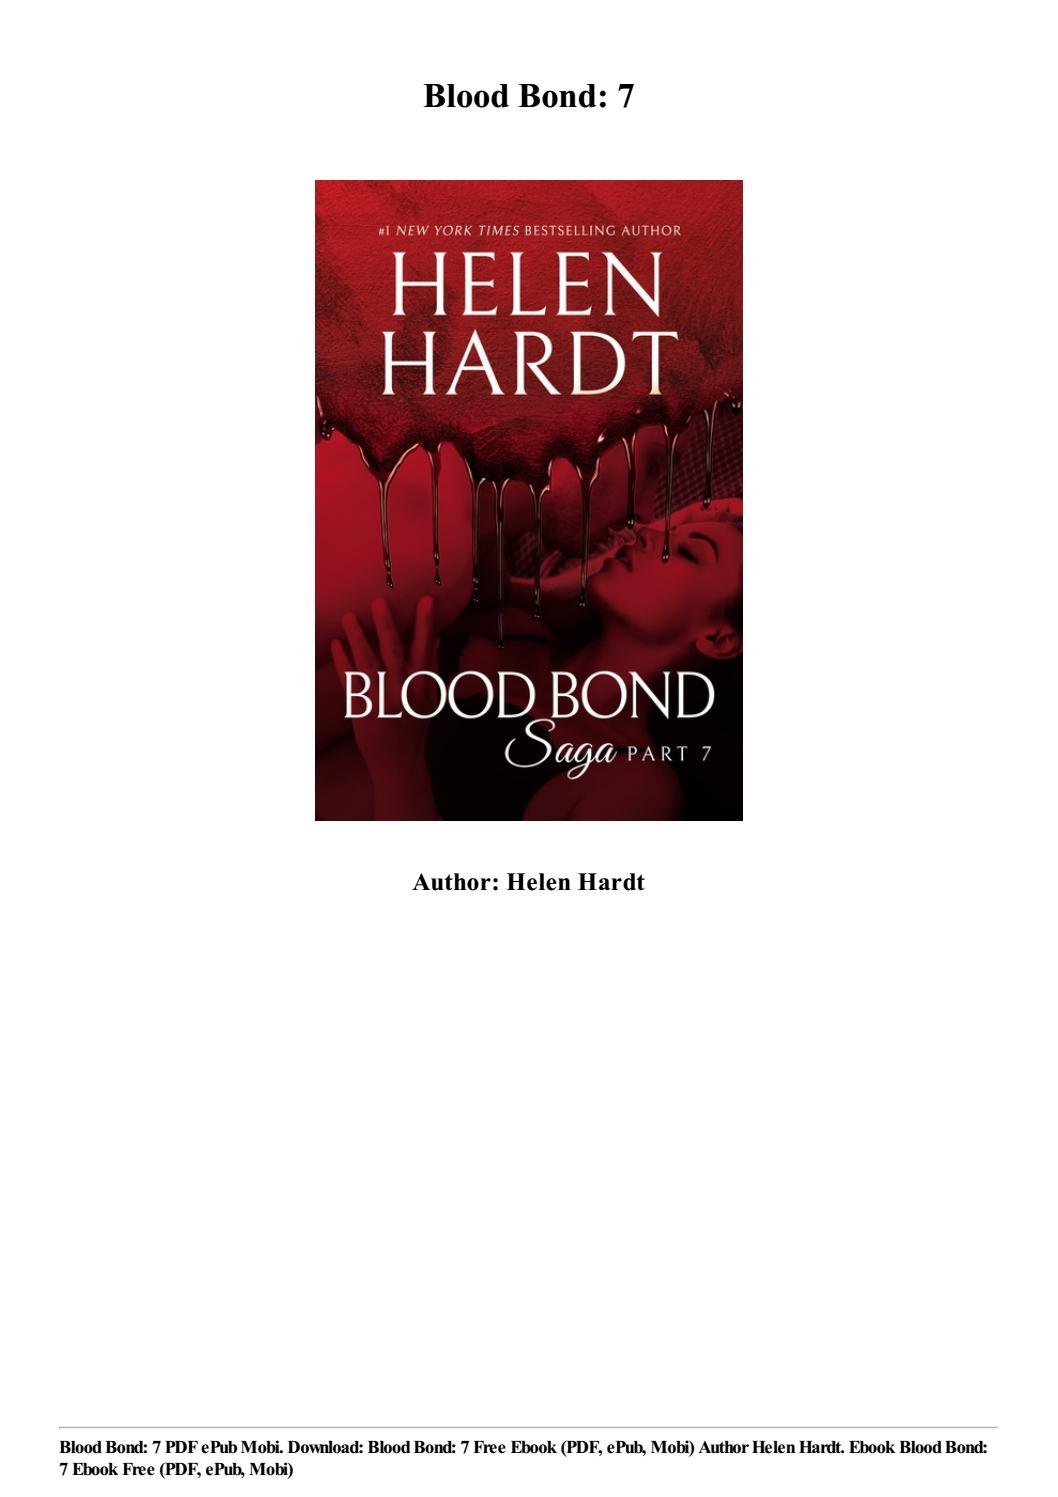 Download Blood Bond: 7 free ebook (pdf, epub, mobi) by Helen Hardt by  alroymulac94 - issuu